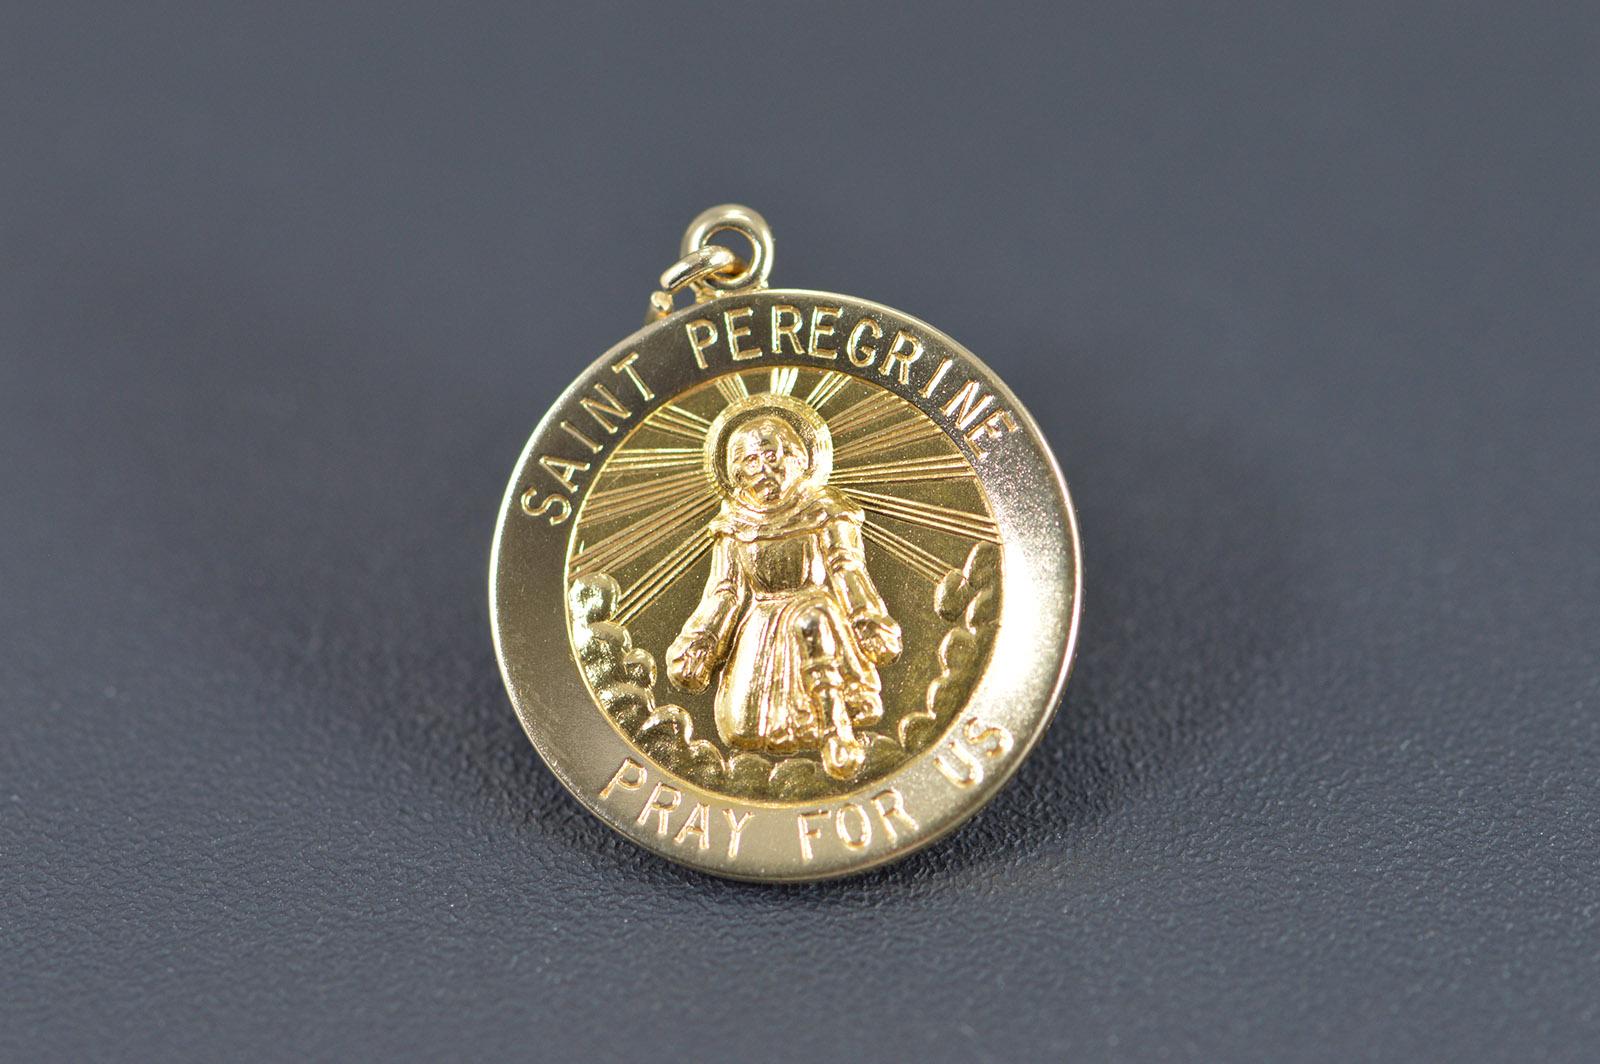 14k 25g saint peregrine pray for us religious yellow gold charm 14k 25g saint peregrine pray for us religious yellow gold charmpendant mozeypictures Gallery